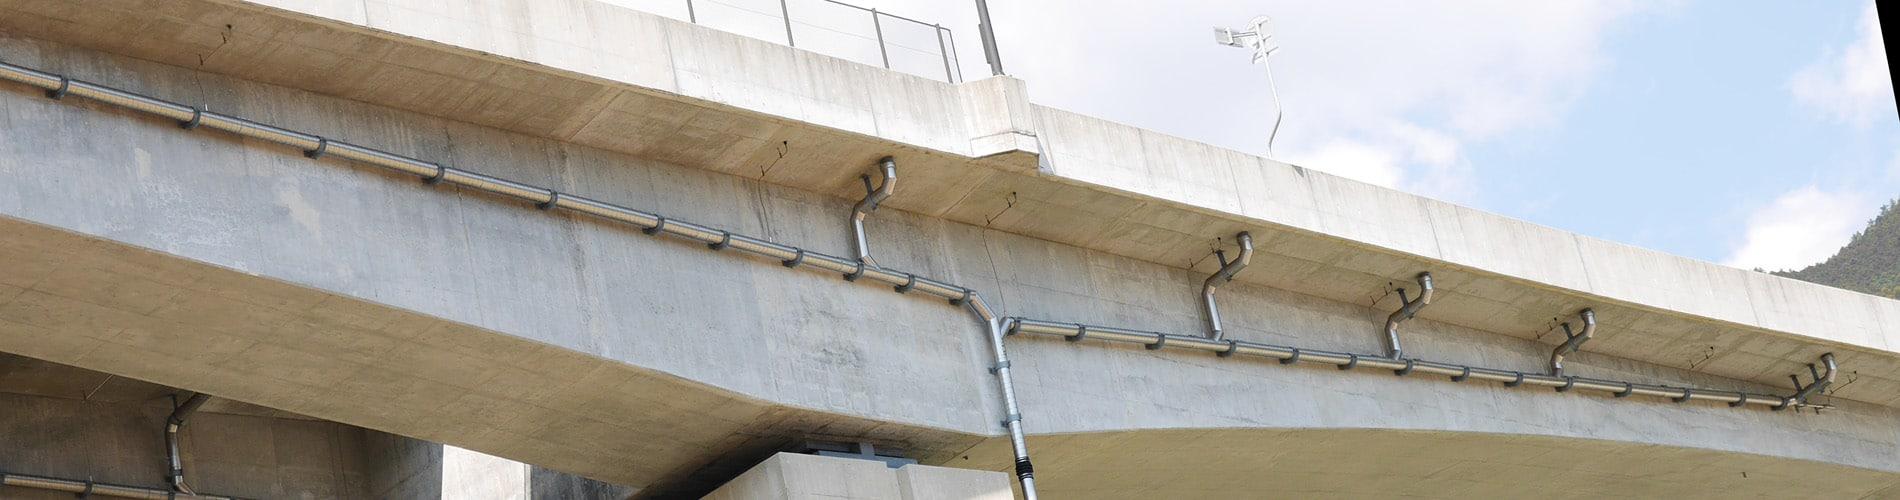 橋梁用排水装置ご提案のページへ